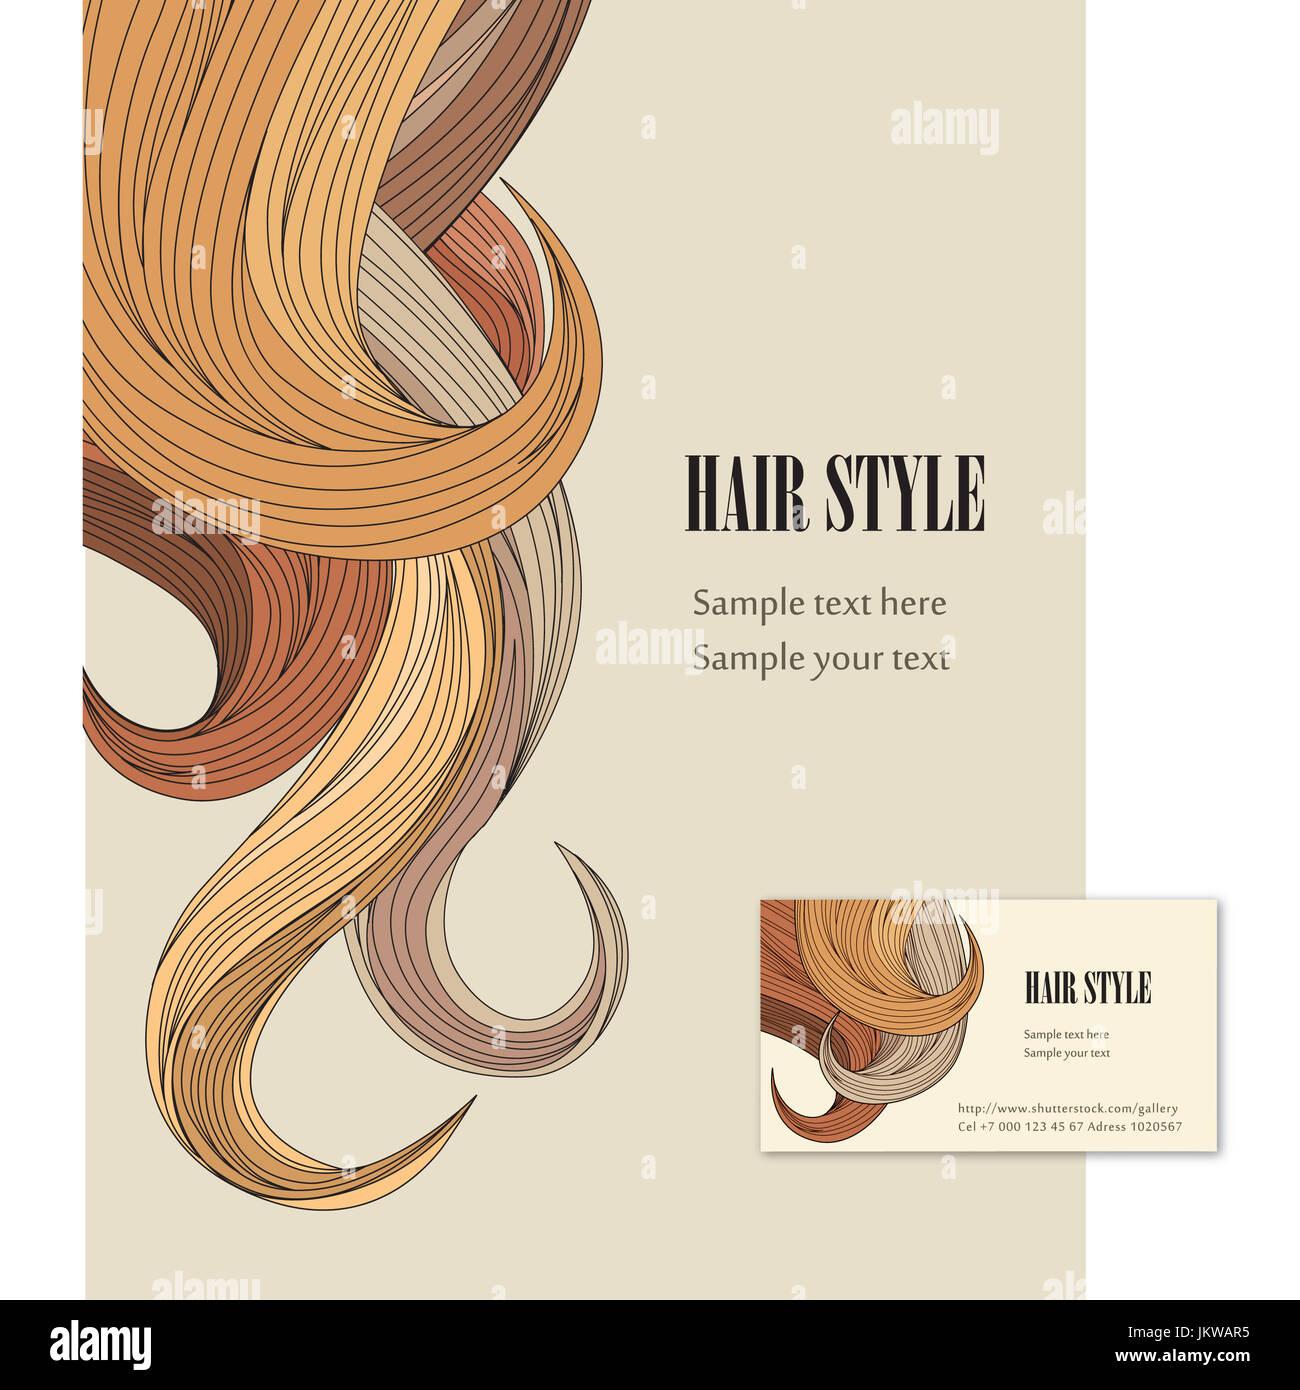 Arriere Plan De Modele Cheveux Set Affiche Et Carte Visite Pour Les Instituts Beaute